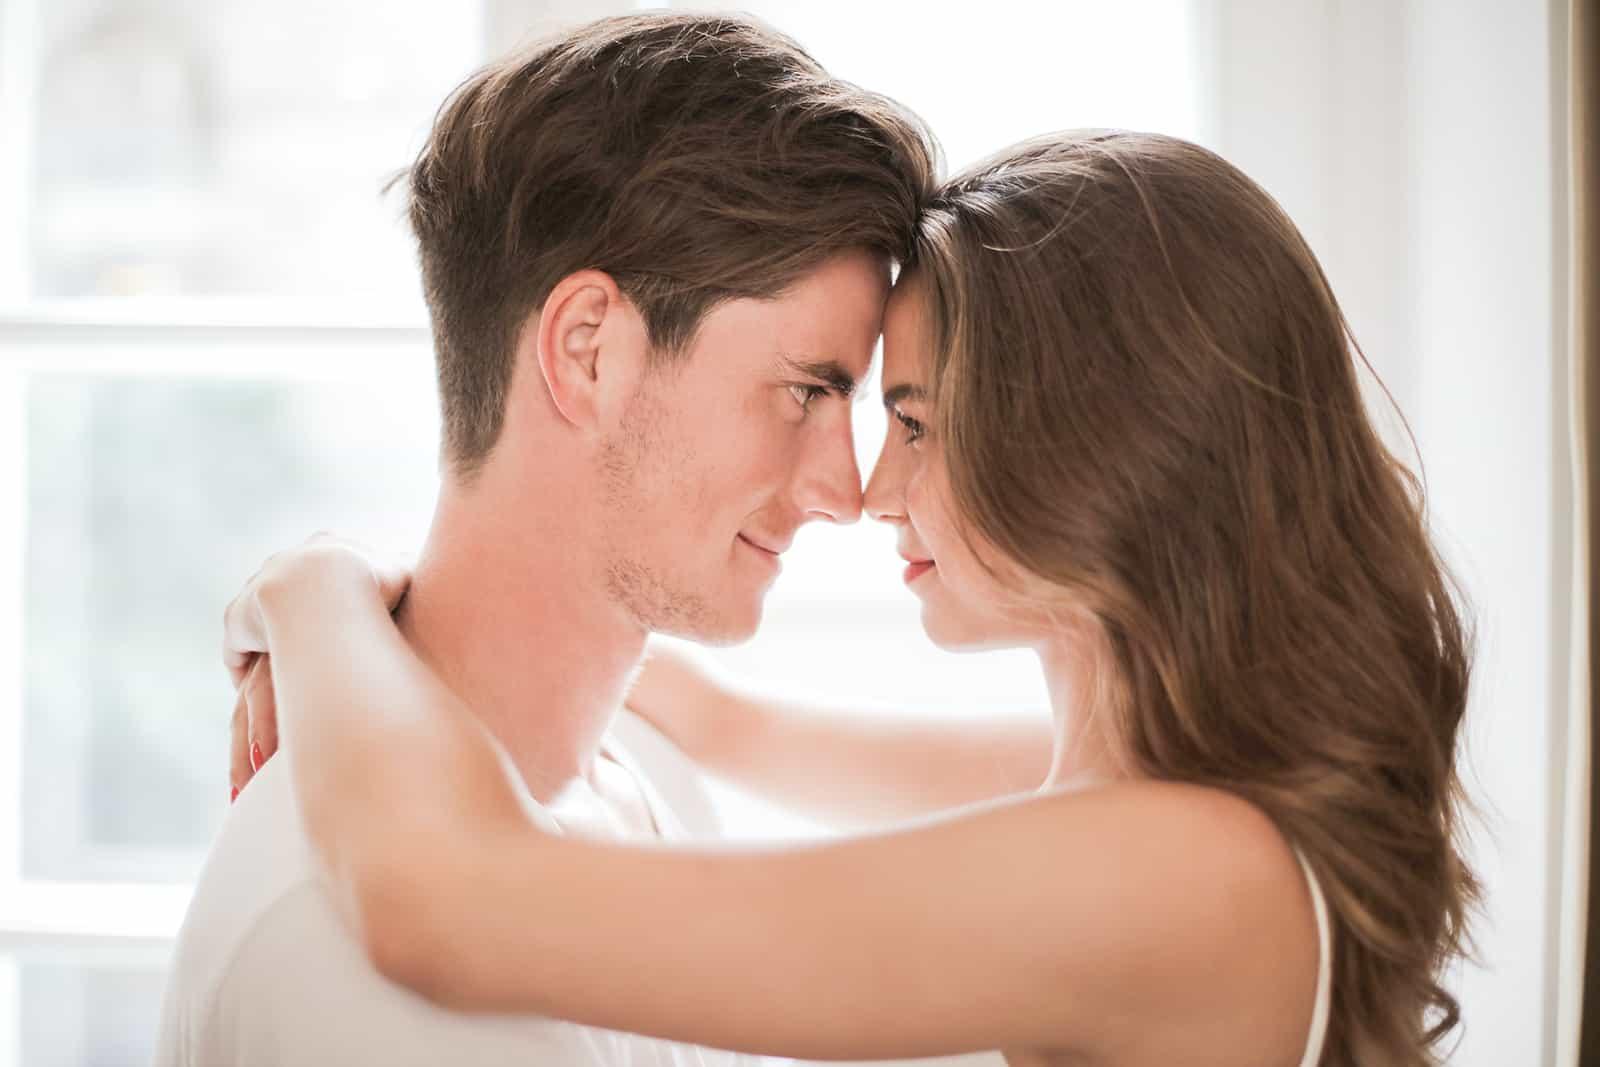 Ein Mann und eine Frau sehen sich beim Umarmen an